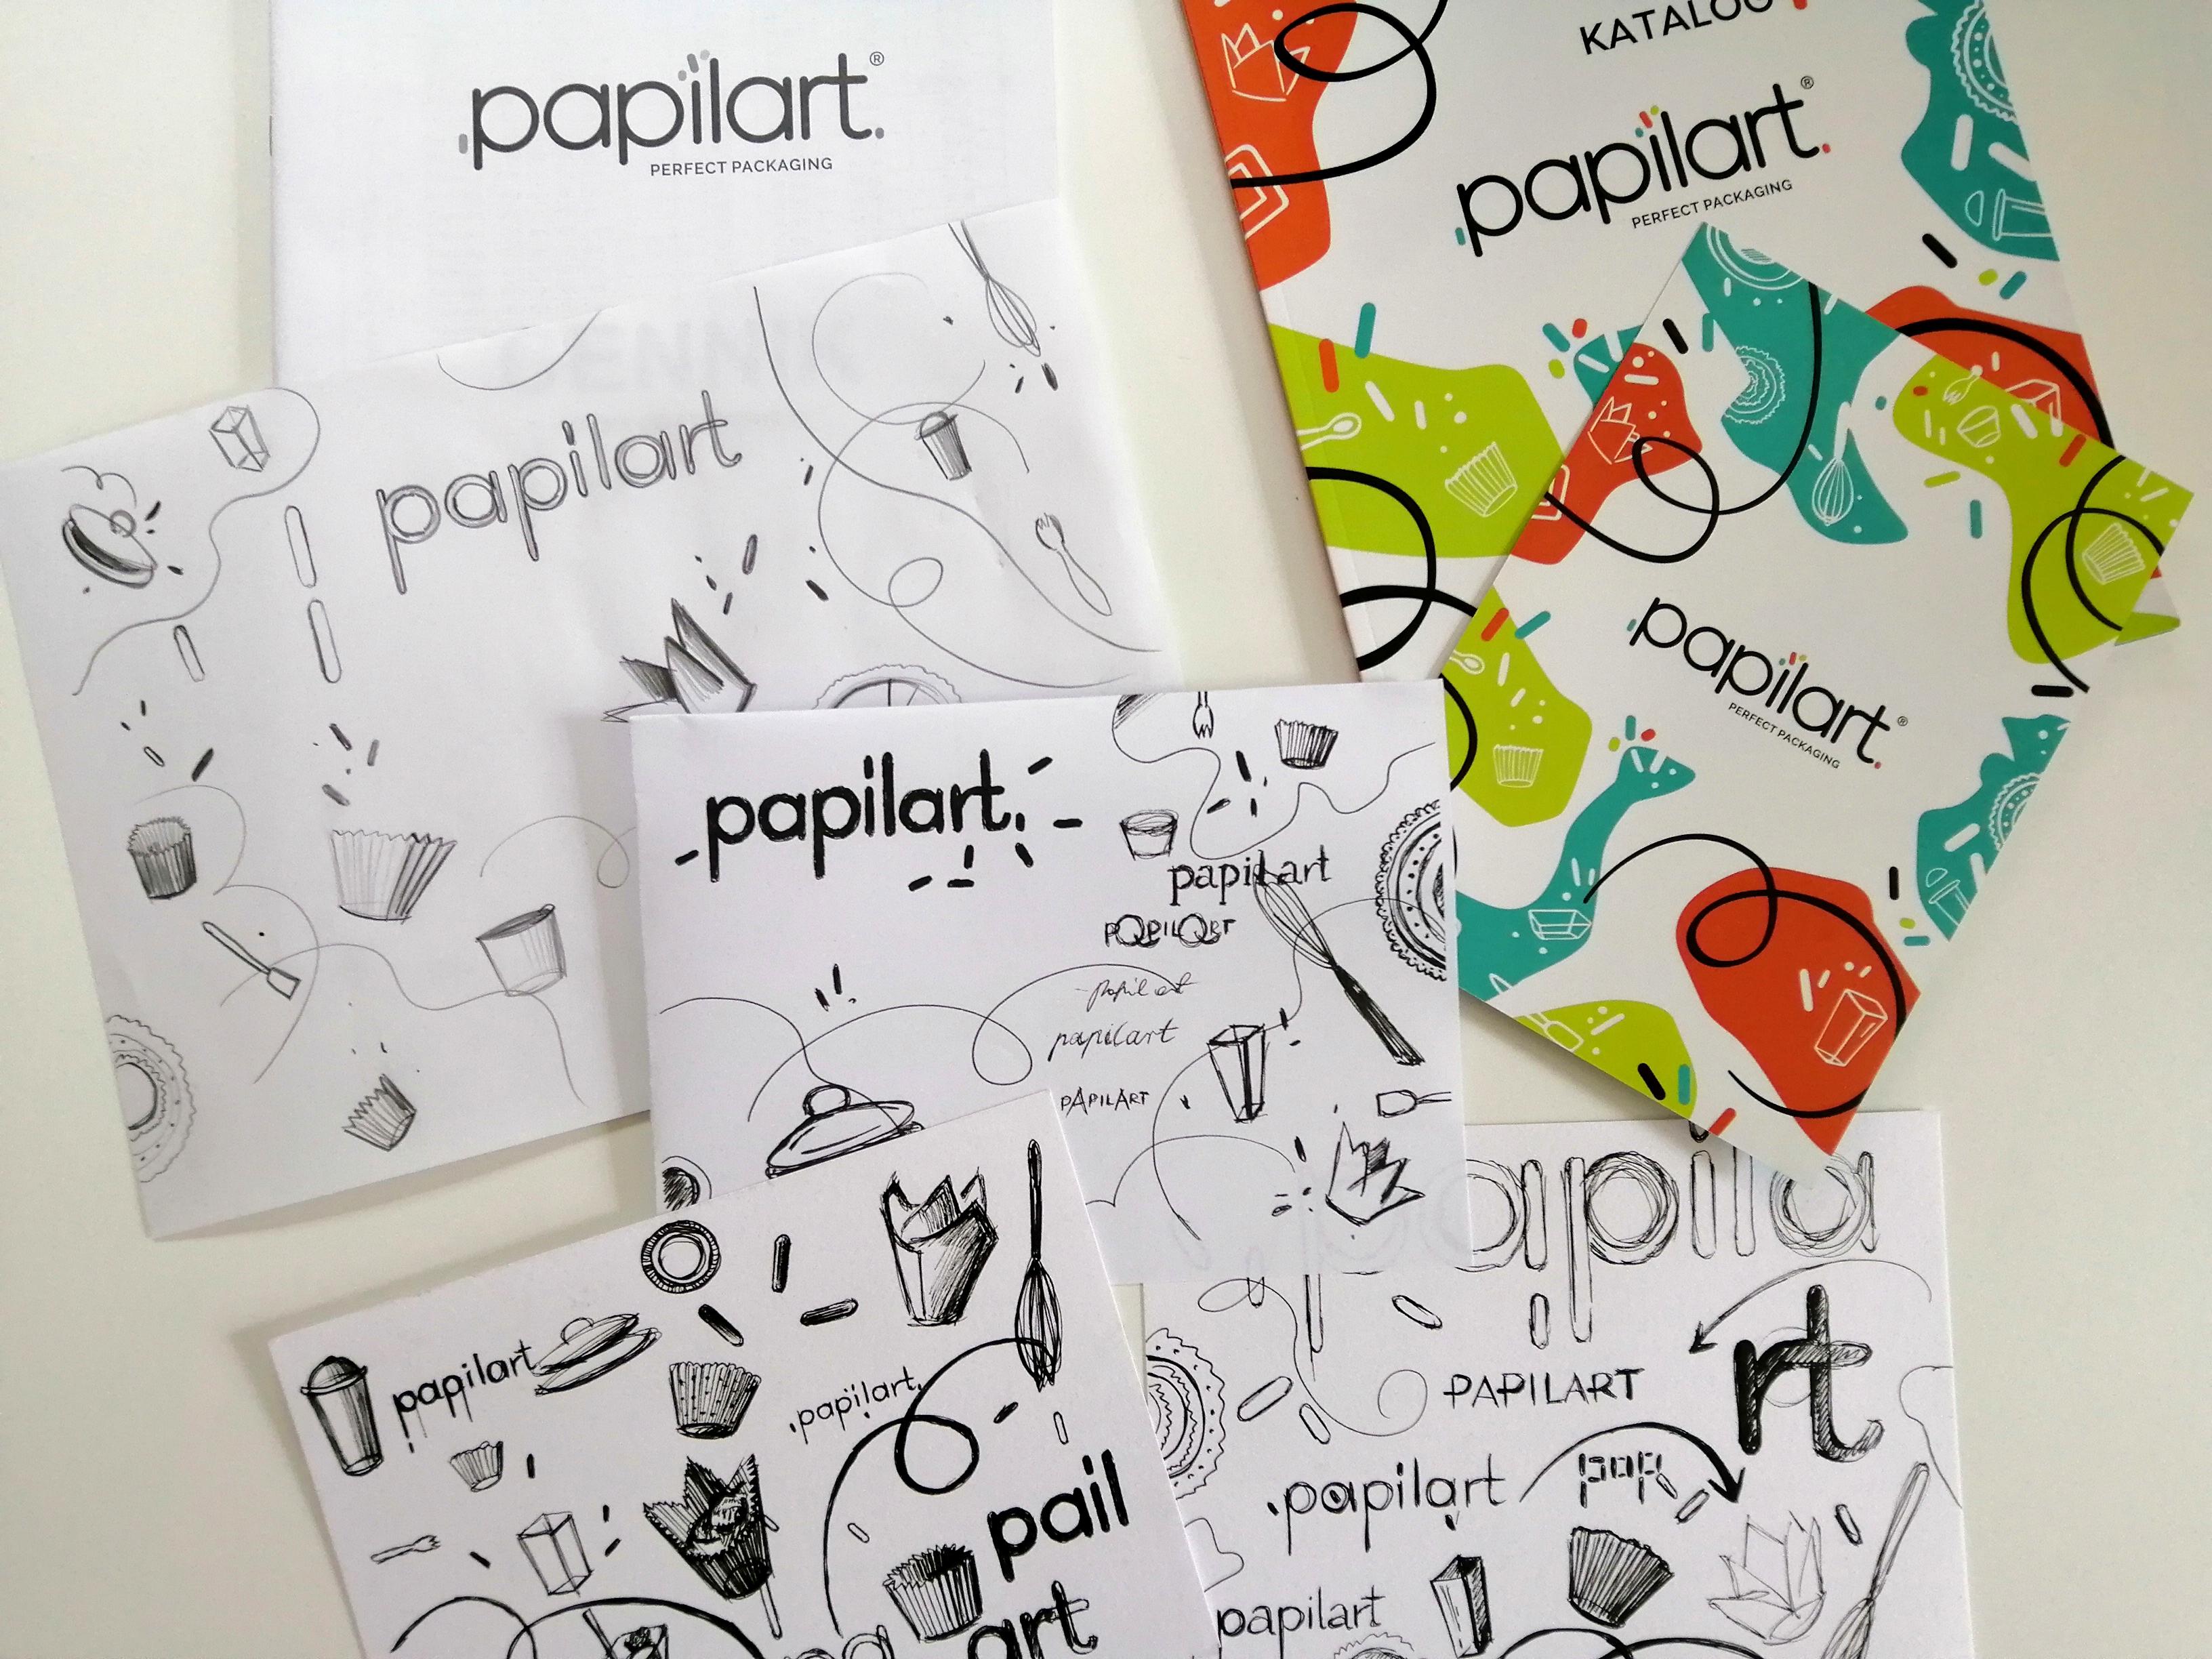 Papilart - rebranding 1